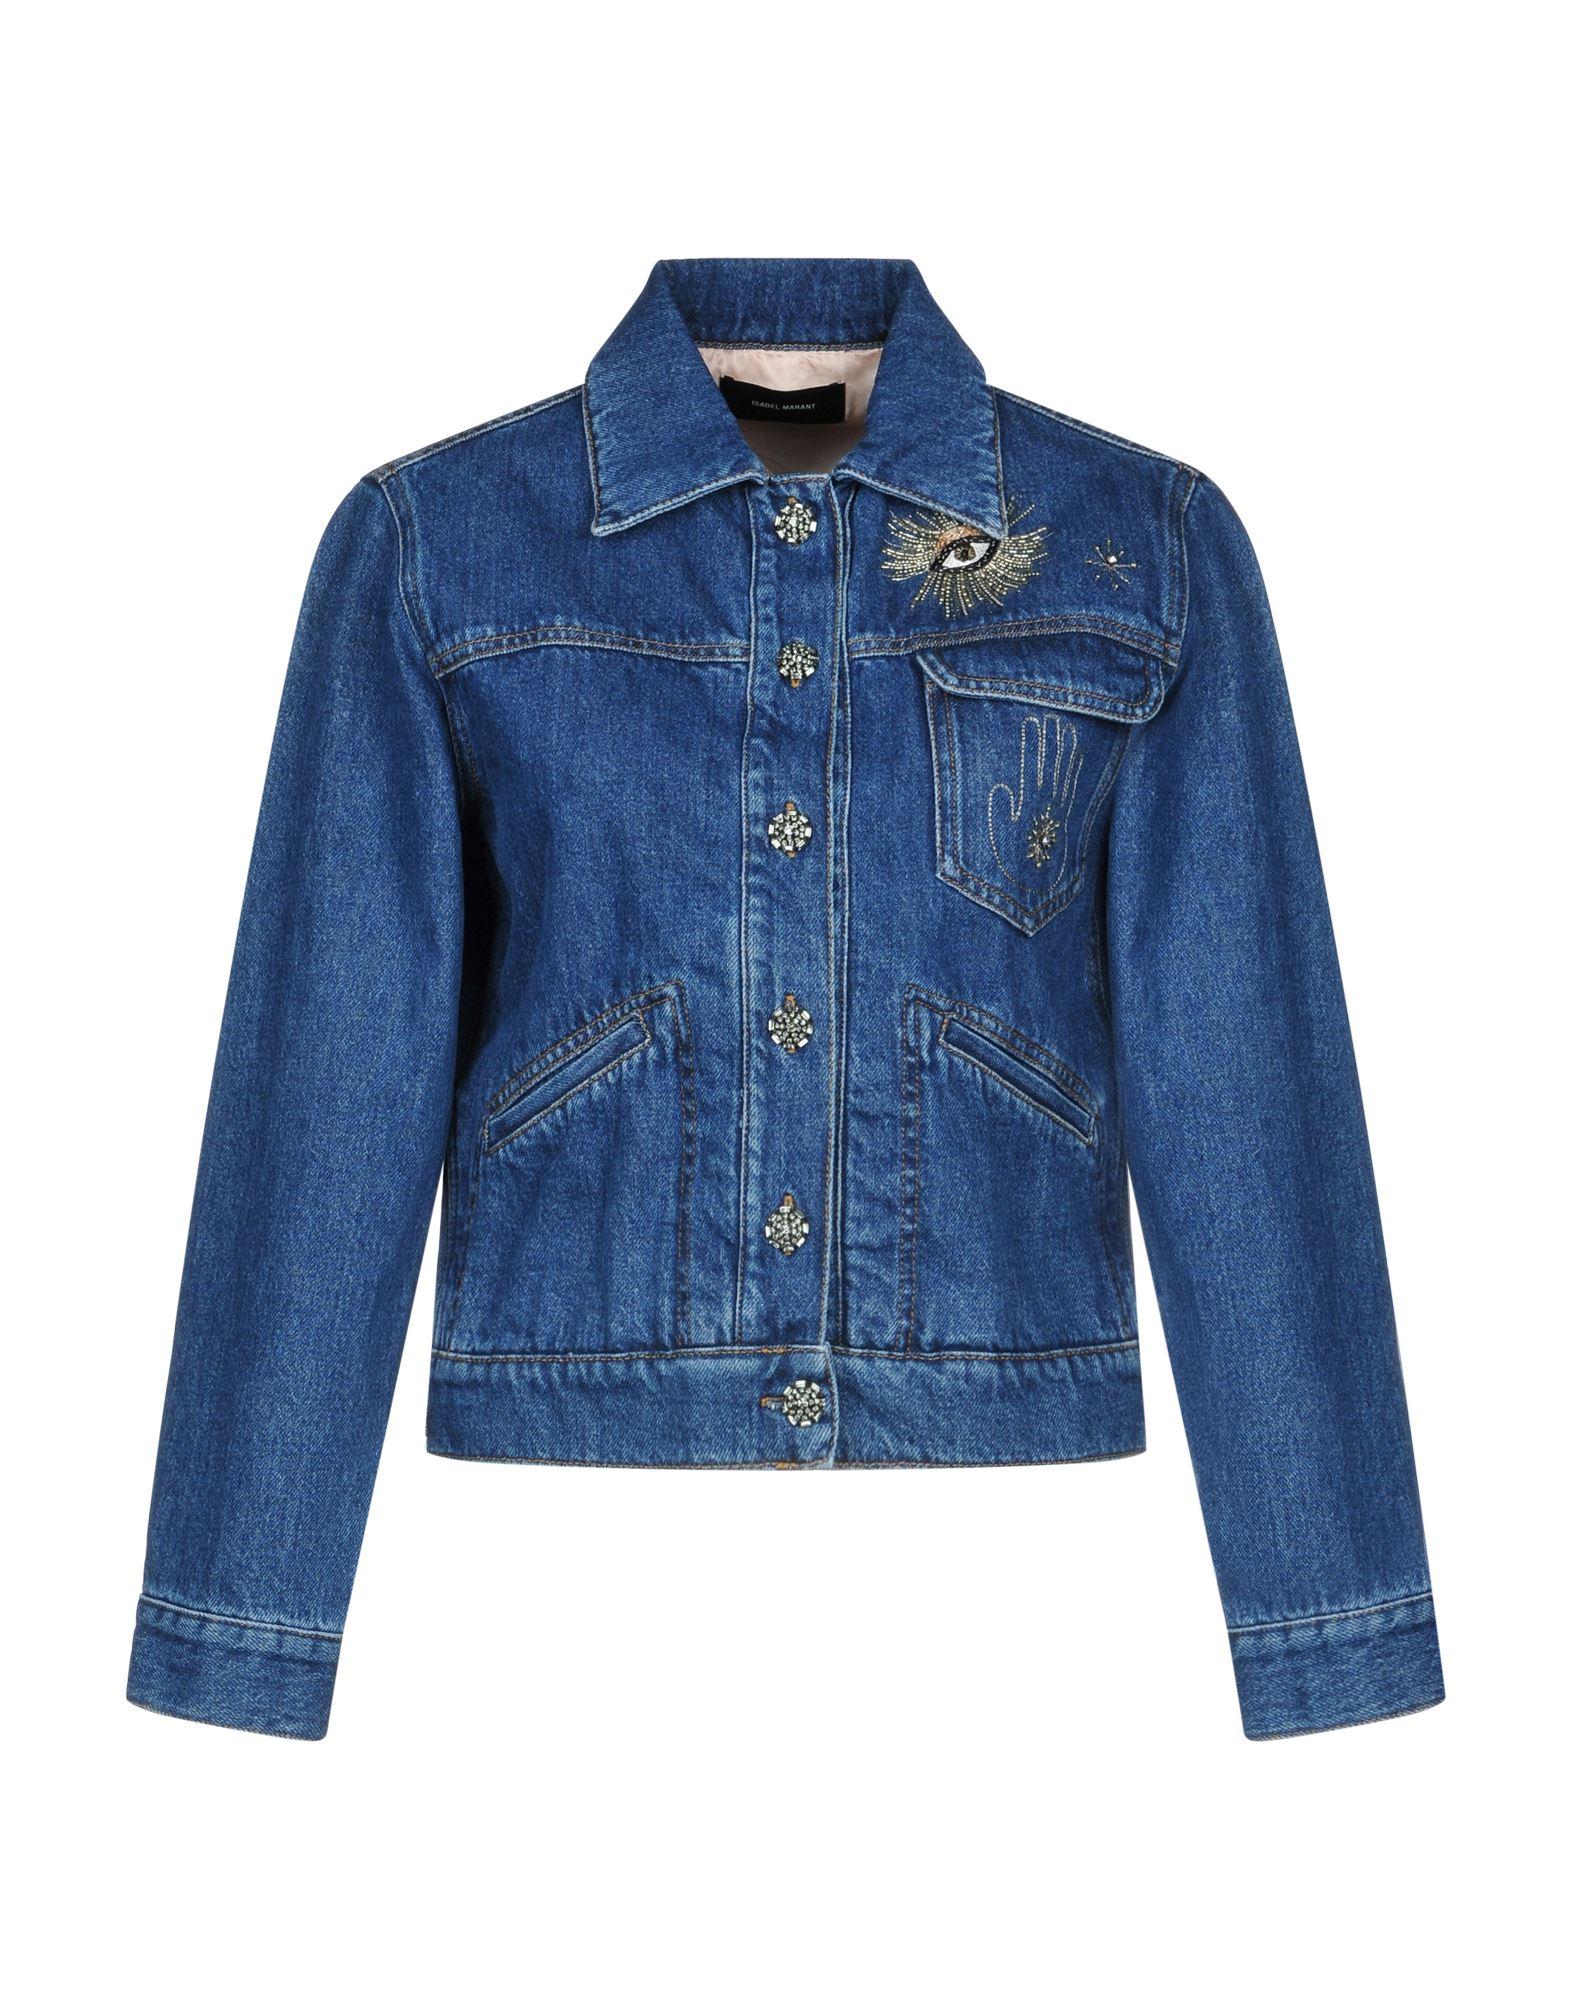 ISABEL MARANT Джинсовая верхняя одежда folk джинсовая верхняя одежда